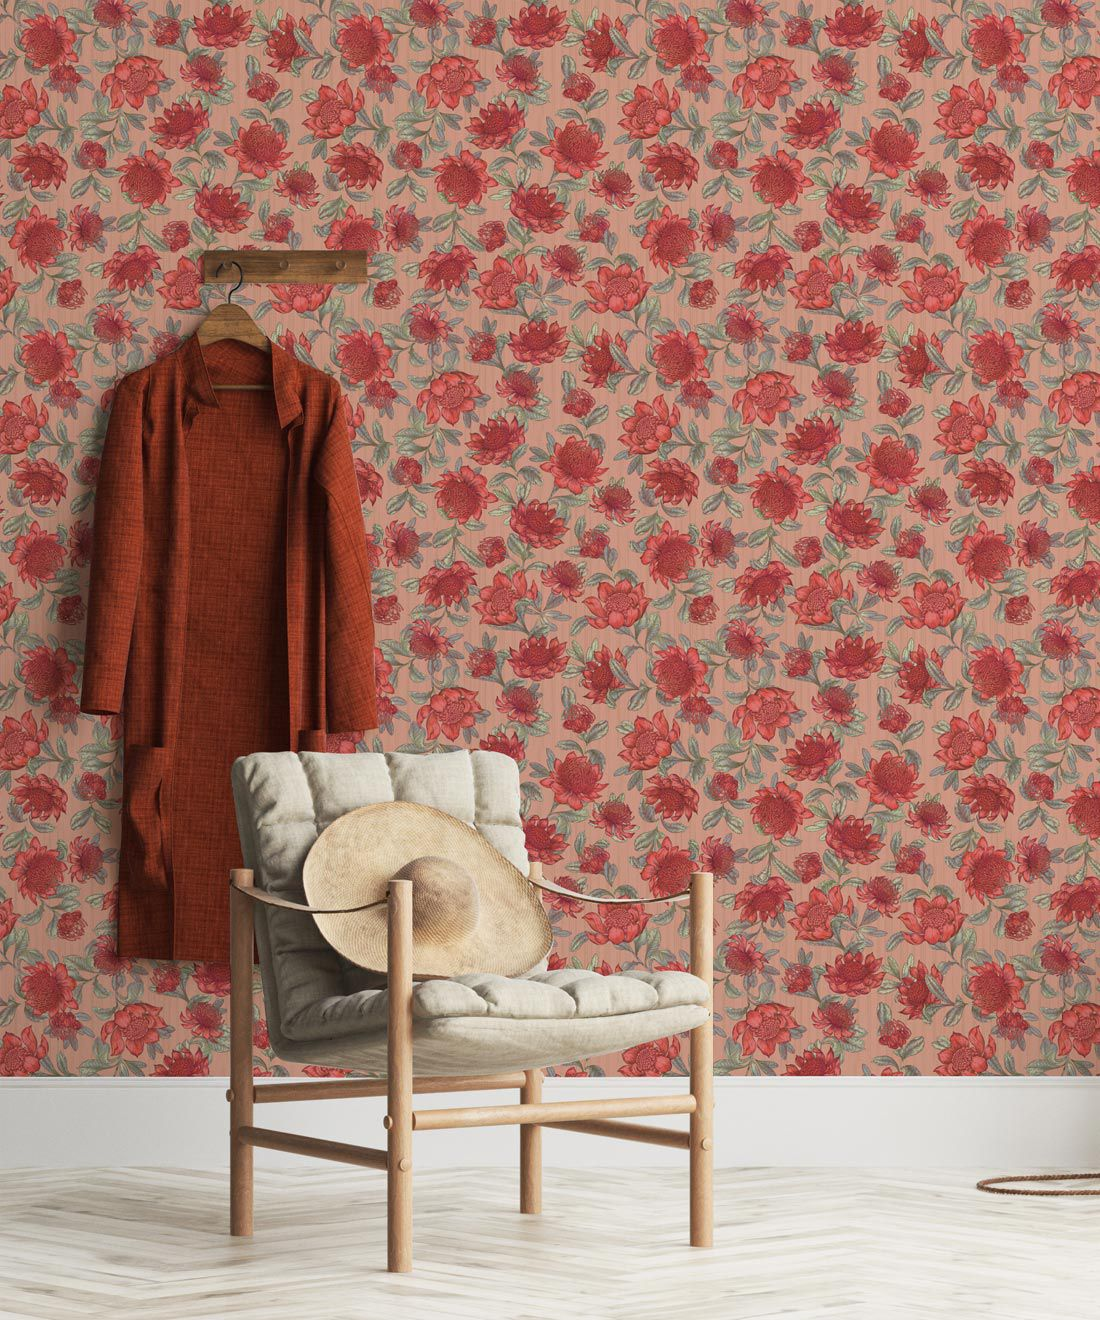 Waratah Wallpaper • Eloise Short • Vintage Floral Wallpaper •Granny Chic Wallpaper • Grandmillennial Style Wallpaper •Blush •Insitu